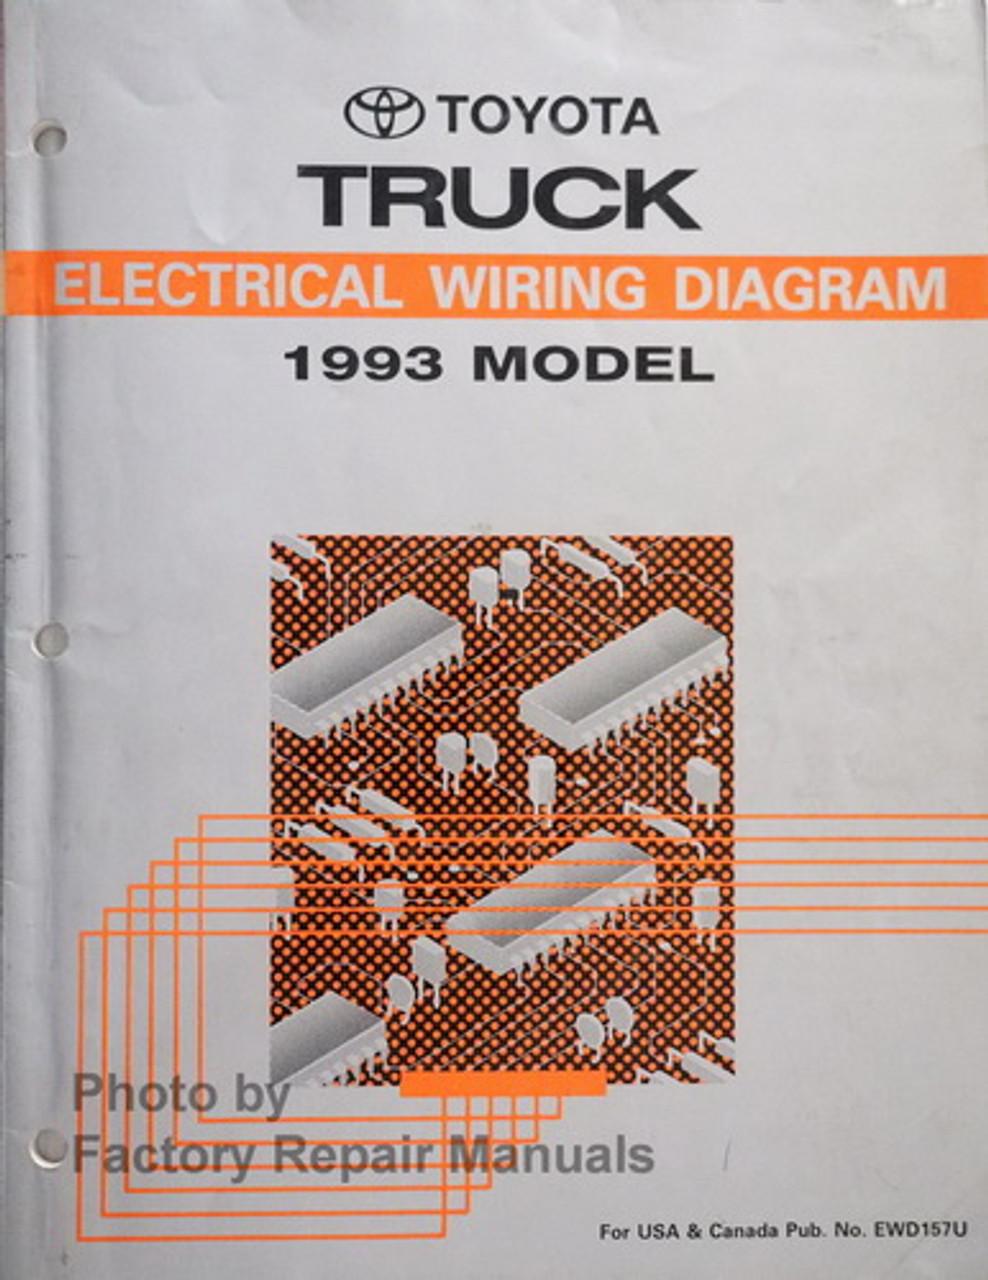 1993 Toyota Pickup Truck Electrical Wiring Diagrams Original Factory Manual  - Factory Repair ManualsFactory Repair Manuals